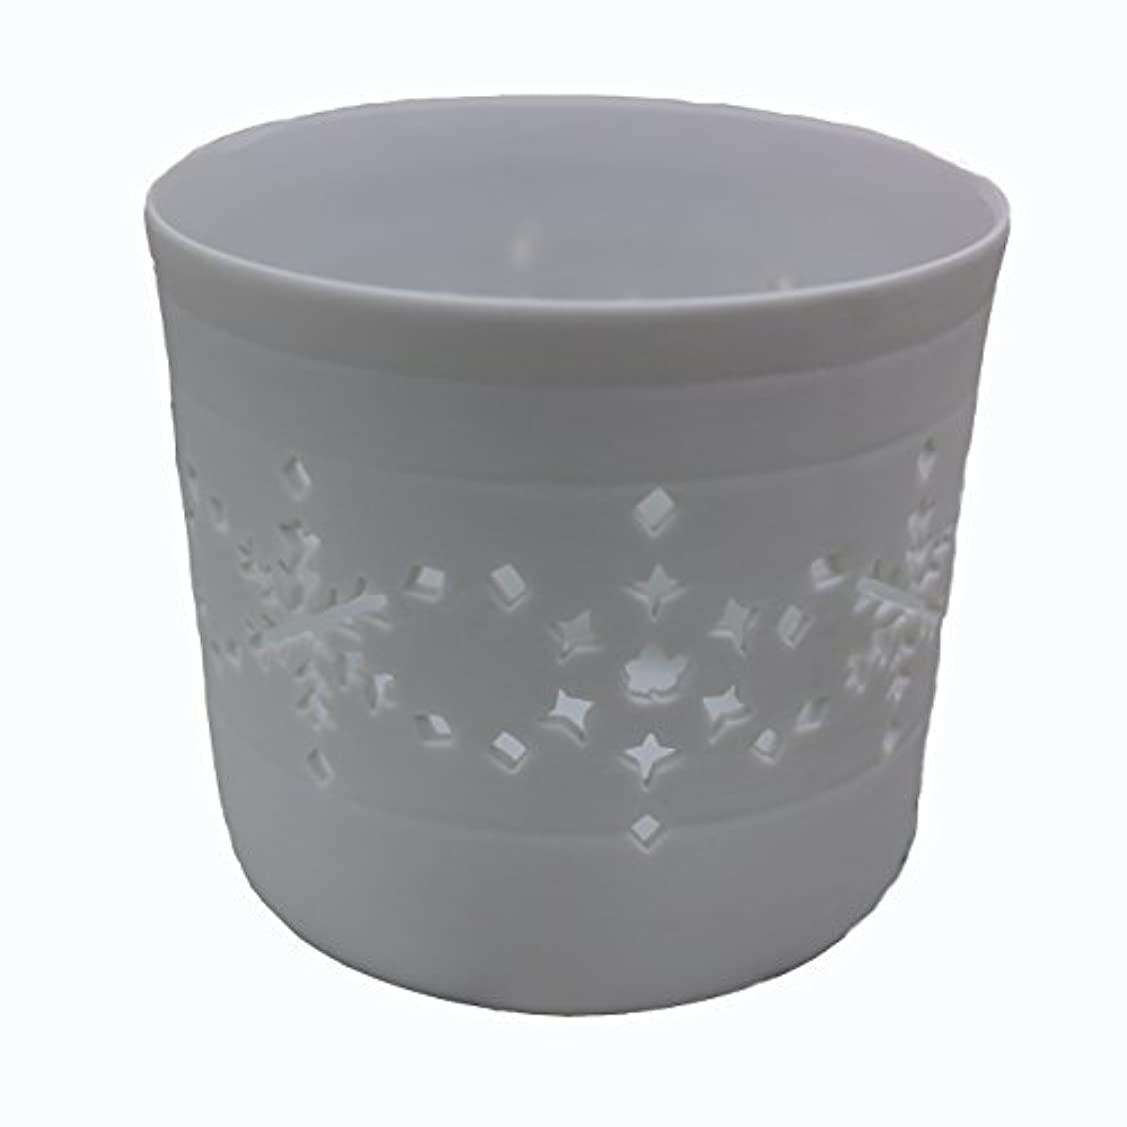 反対する深める接続詞キャンドルカップ(ティーライト付き) 結晶